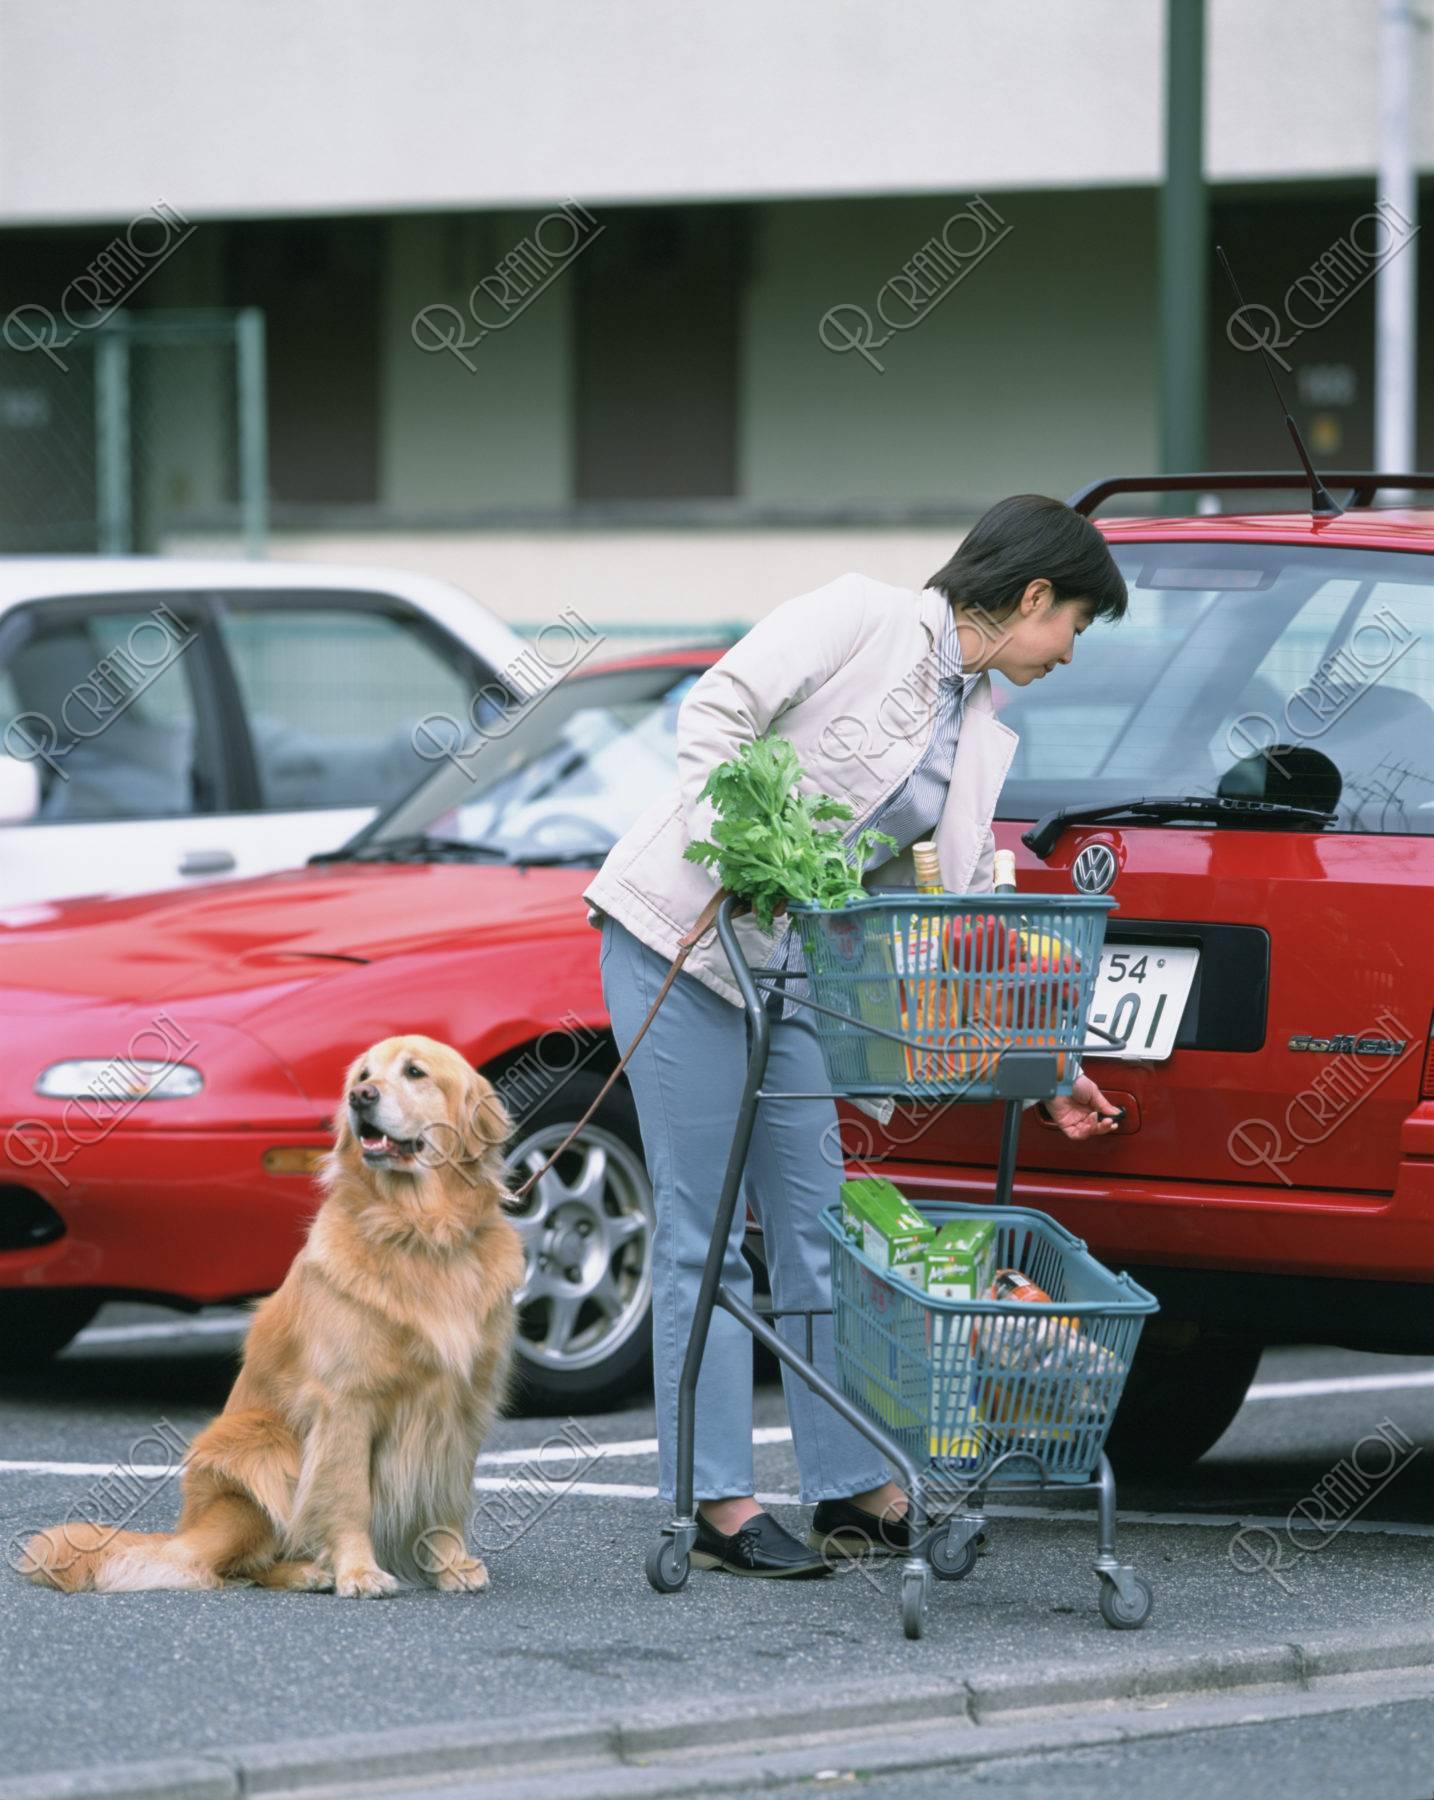 ショッピングカートと犬と女性